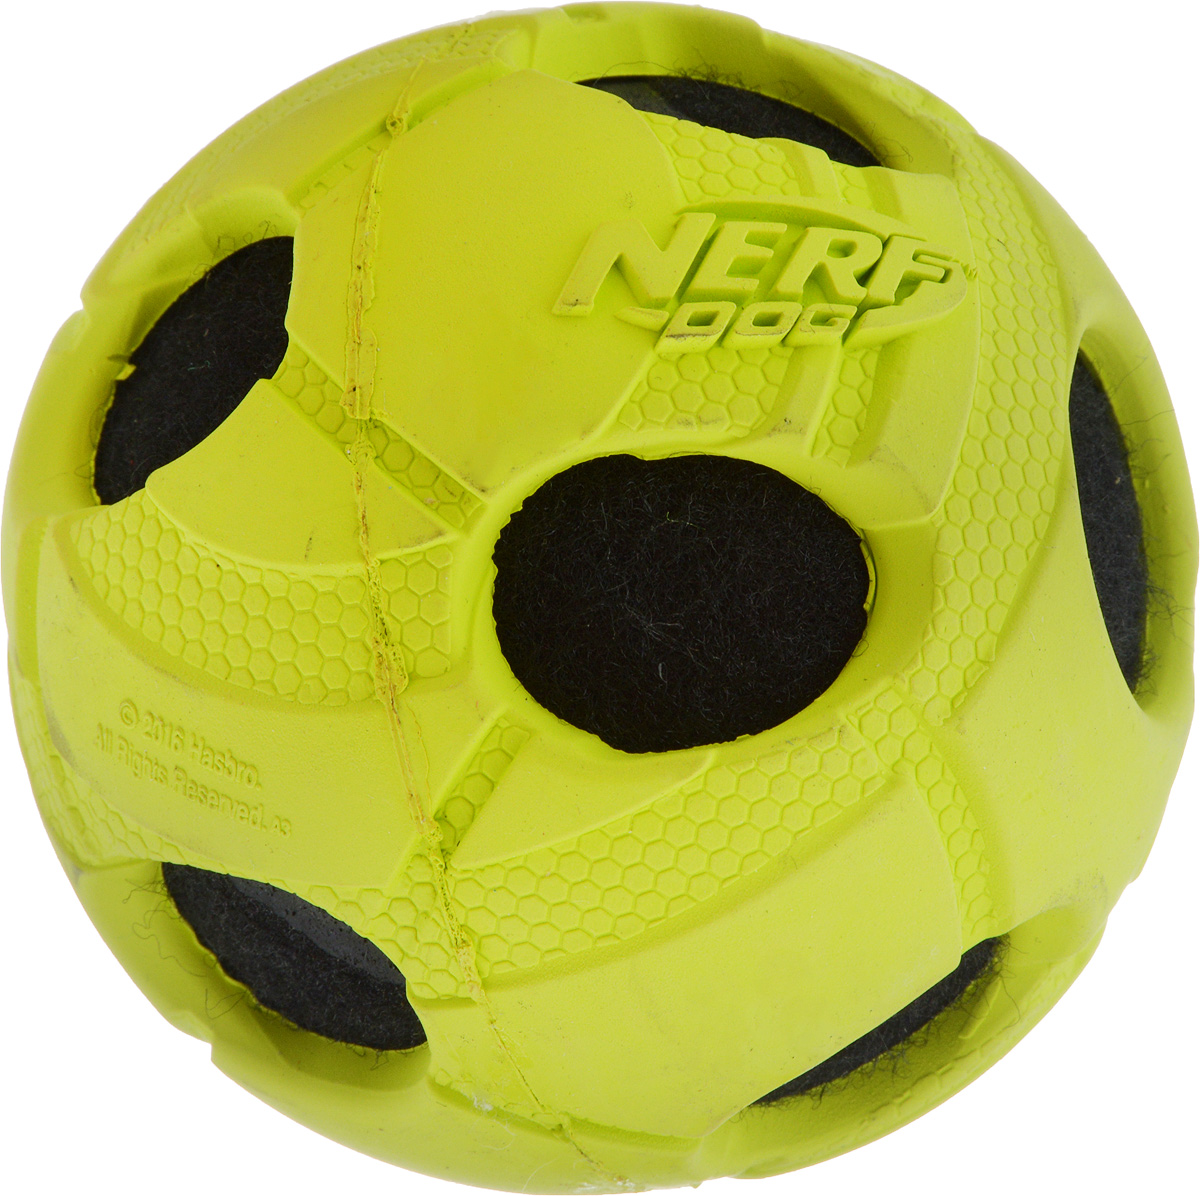 Игрушка для собак Nerf Мяч с отверстиями, диаметр 9 см22293_салатовый, черныйИгрушка для собак Nerf Мяч с отверстиями выполнена из прочной резины с теннисным мячом внутри. Такая игрушка порадует вашего любимца, а вам доставит массу приятных эмоций, ведь наблюдать за игрой всегда интересно и приятно. Диаметр игрушки: 9 см.